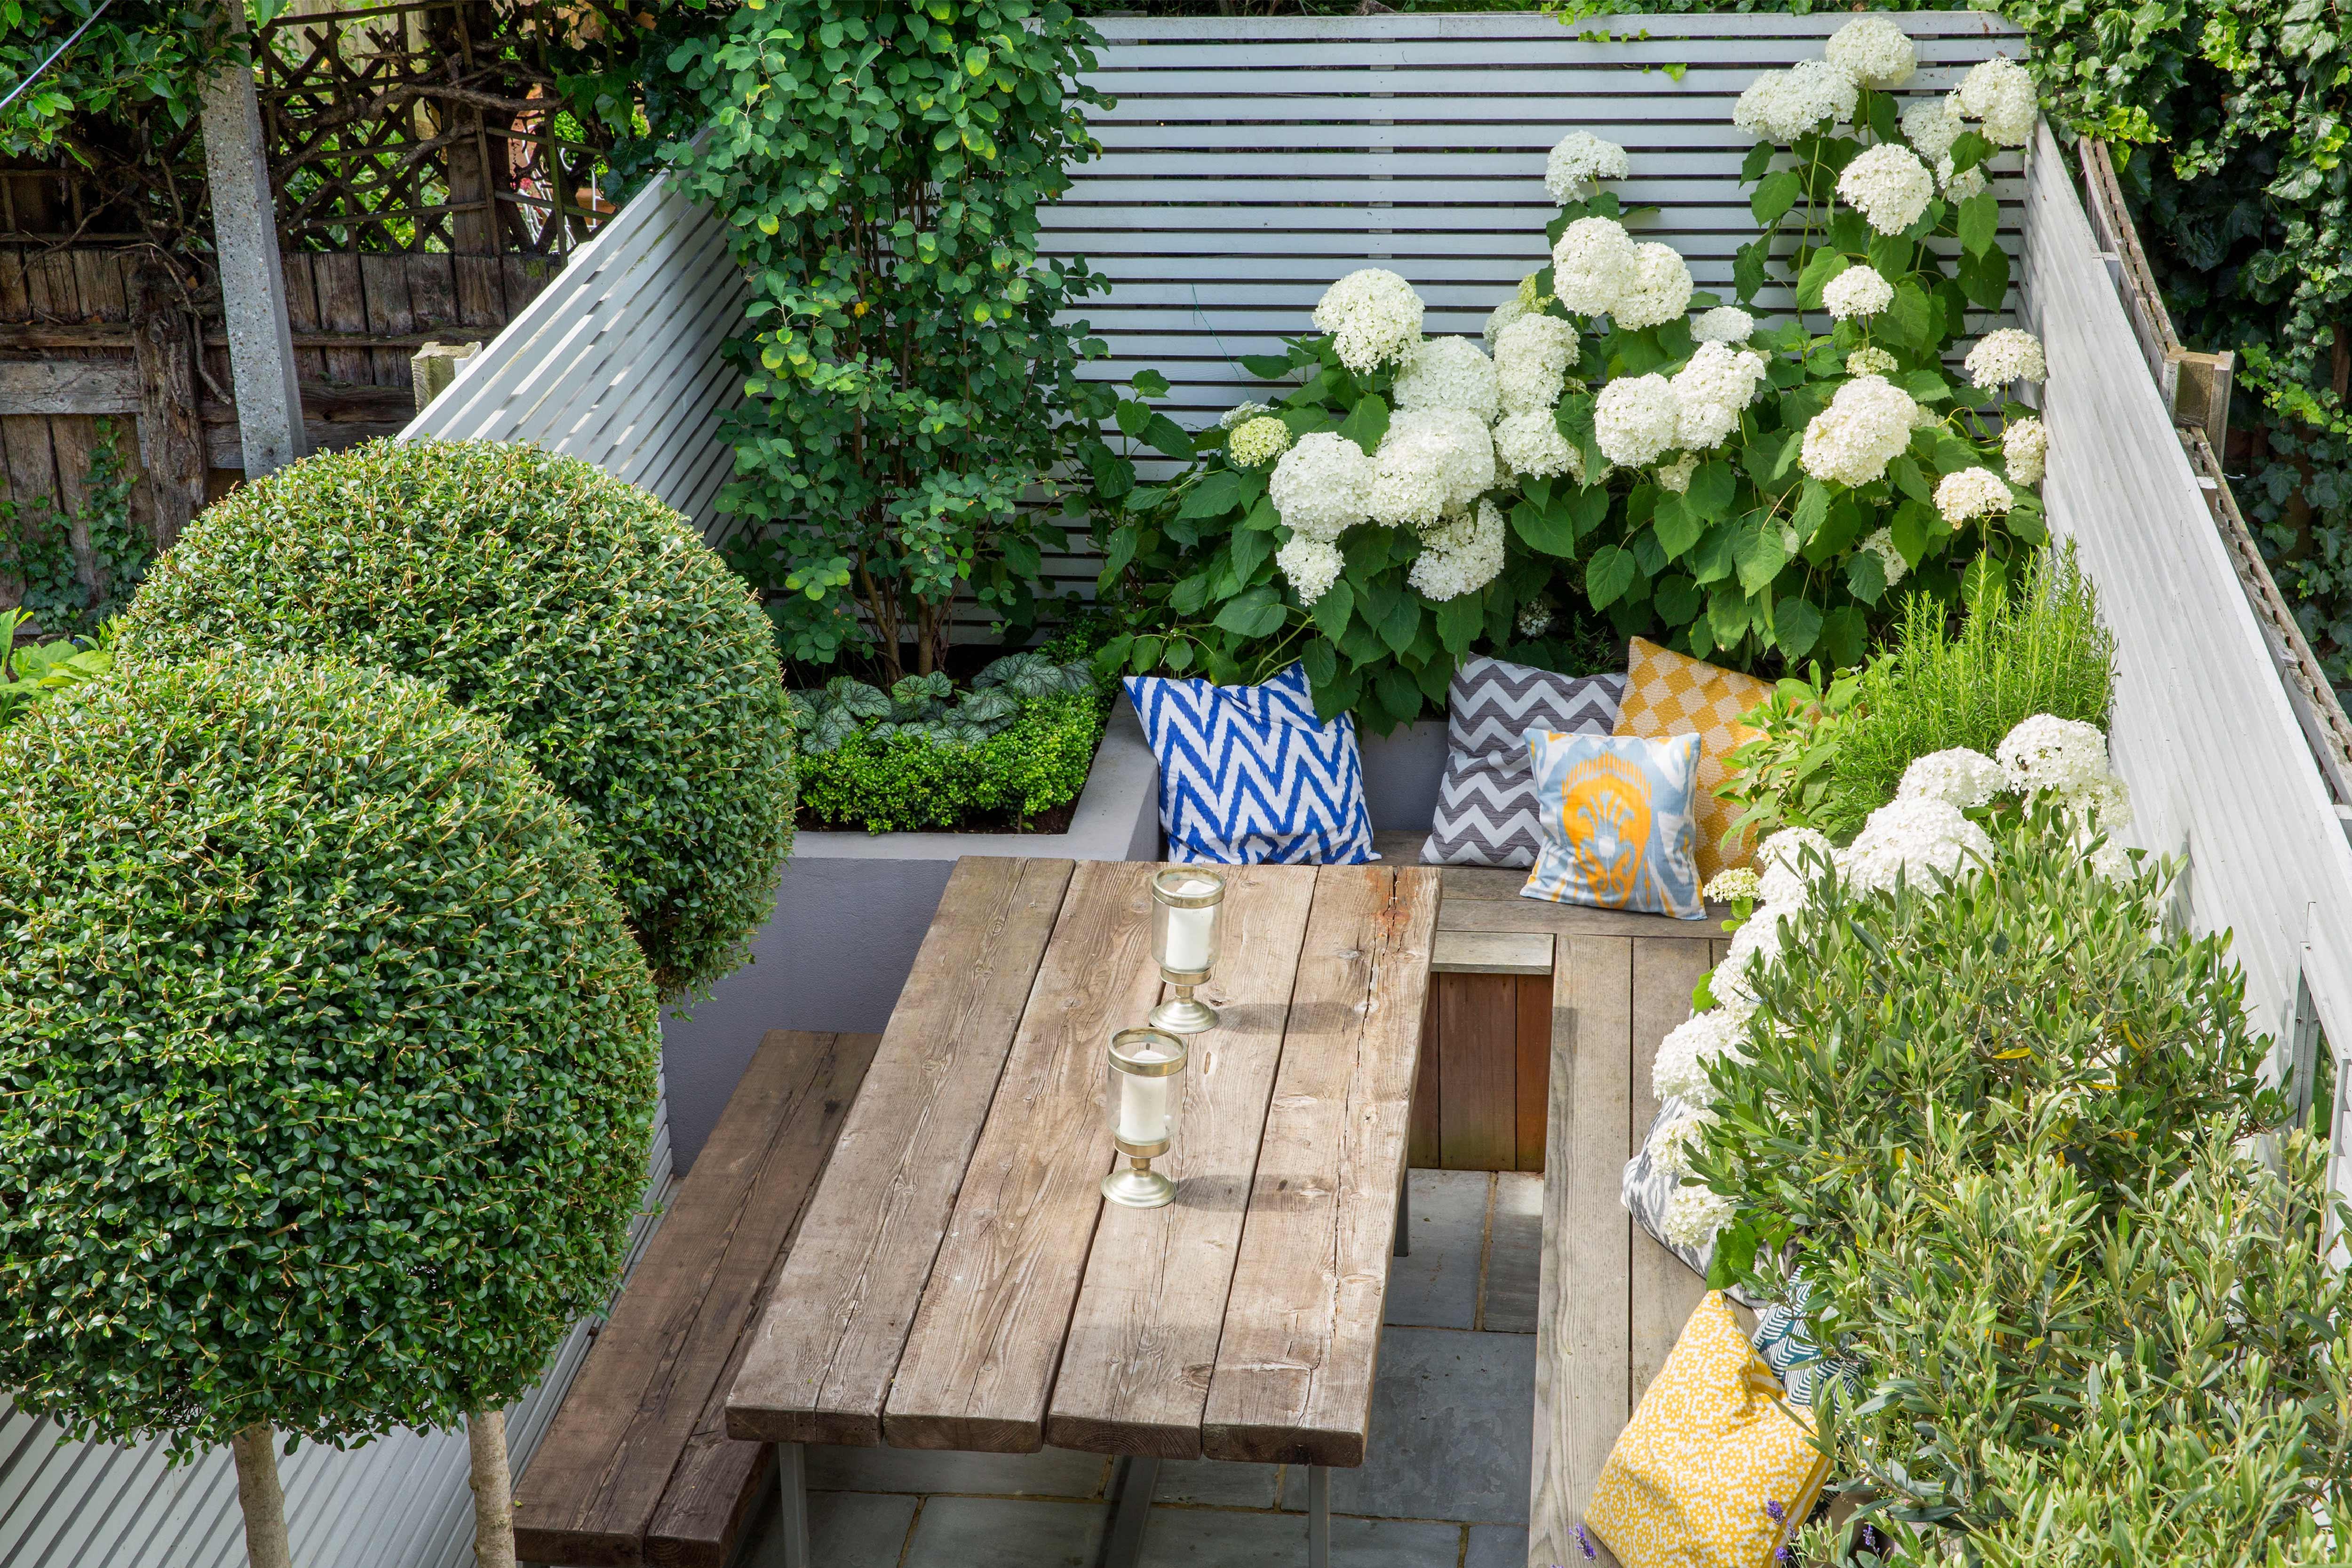 Best Garden Design - image full_width-5000x3334-fulham_A on https://alldesingideas.com